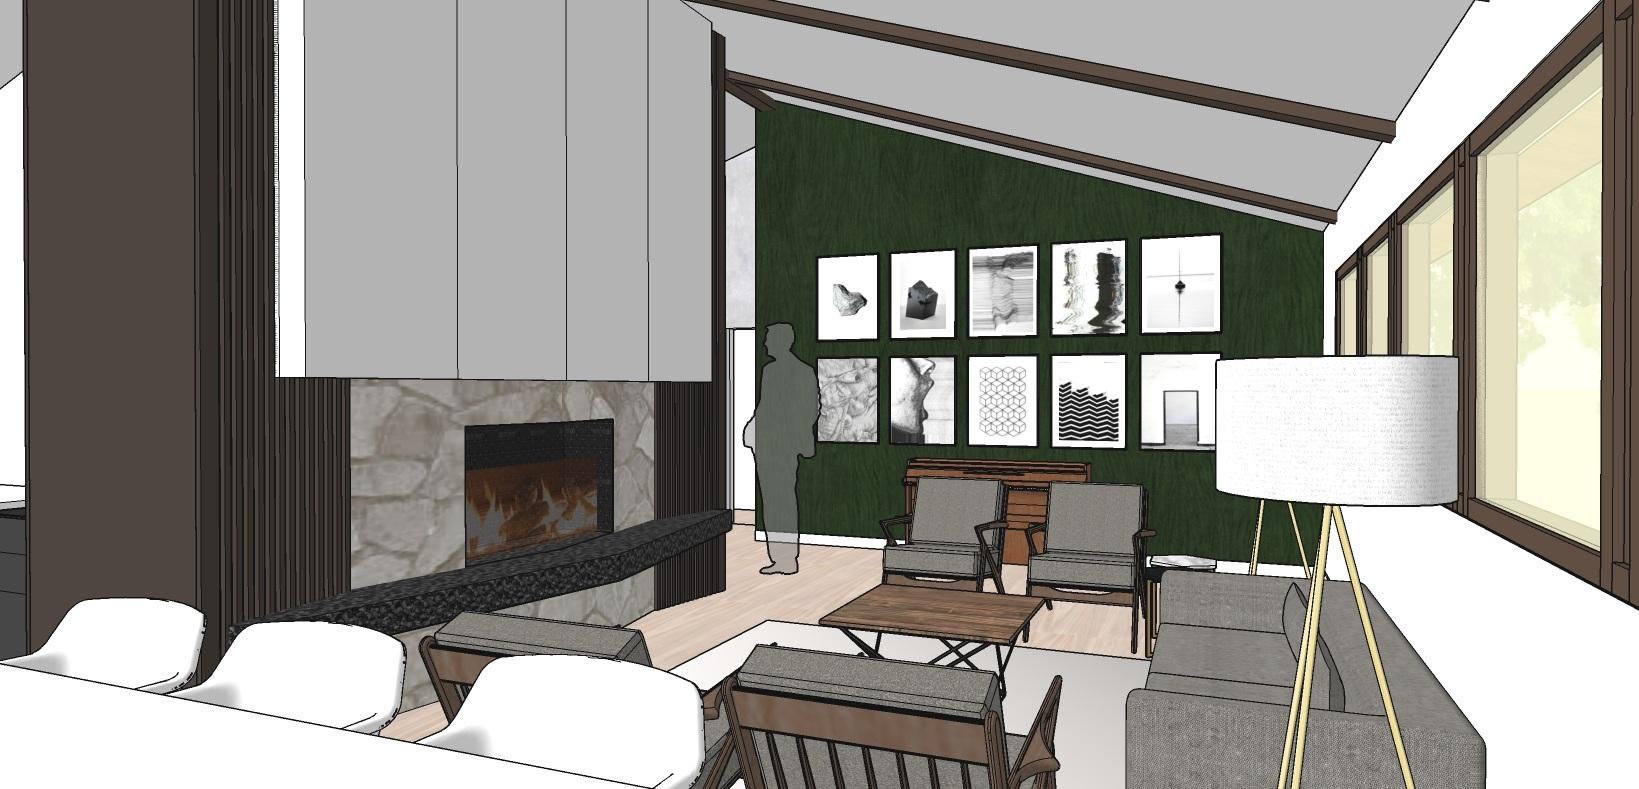 Midcentury+Modern+Remodel+Great+Room+2.jpg